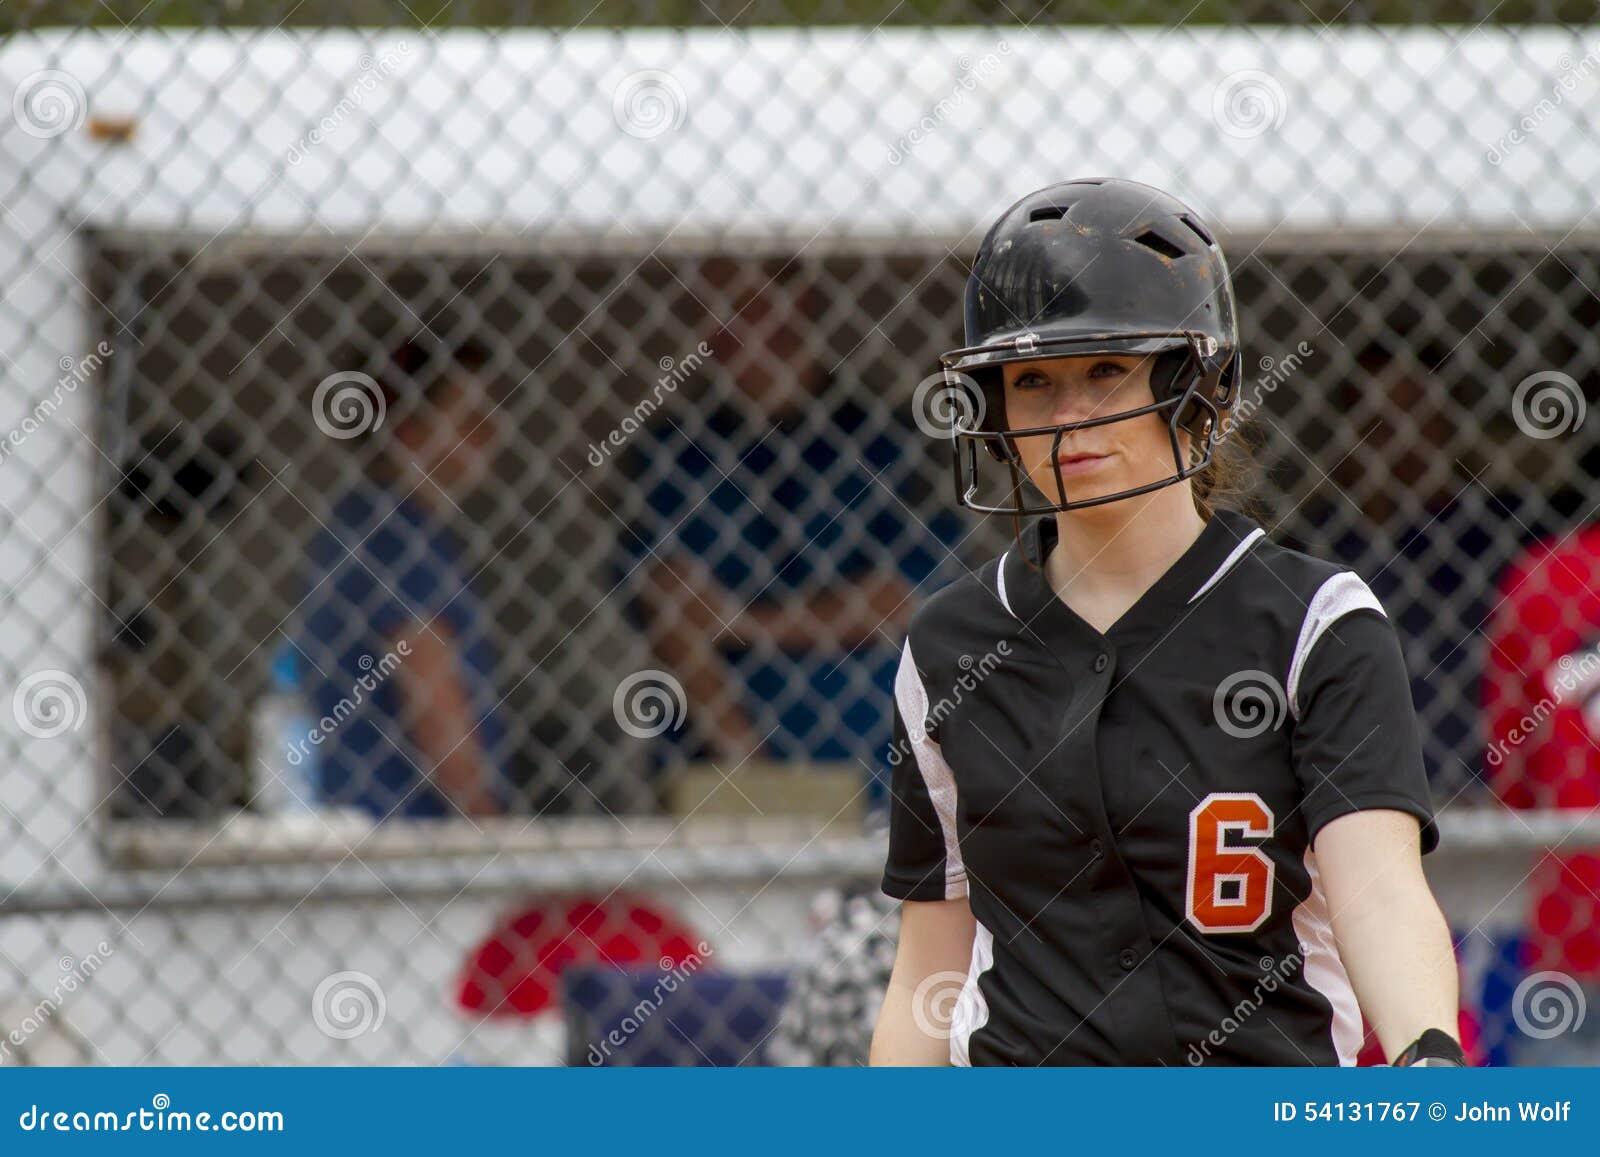 区里fastpitch垒球运动员女性到估量标题的击球员投手观澜湖高尔夫球会spa技师的v区里图片